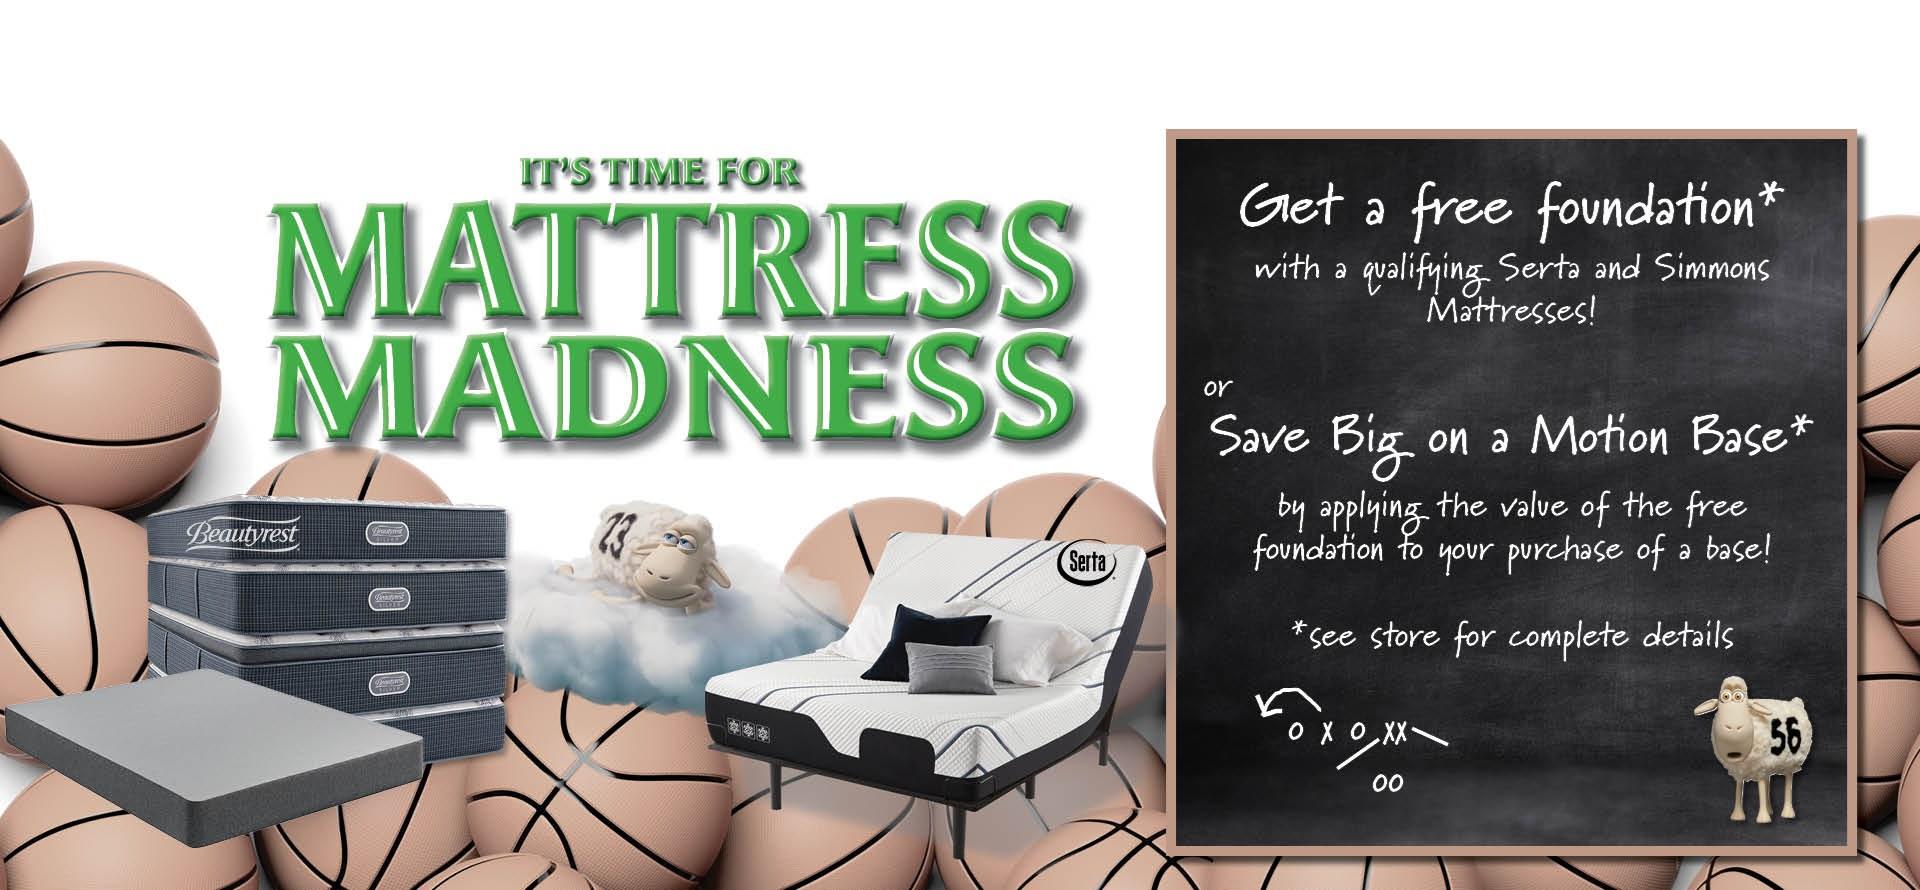 mattress madness 2021